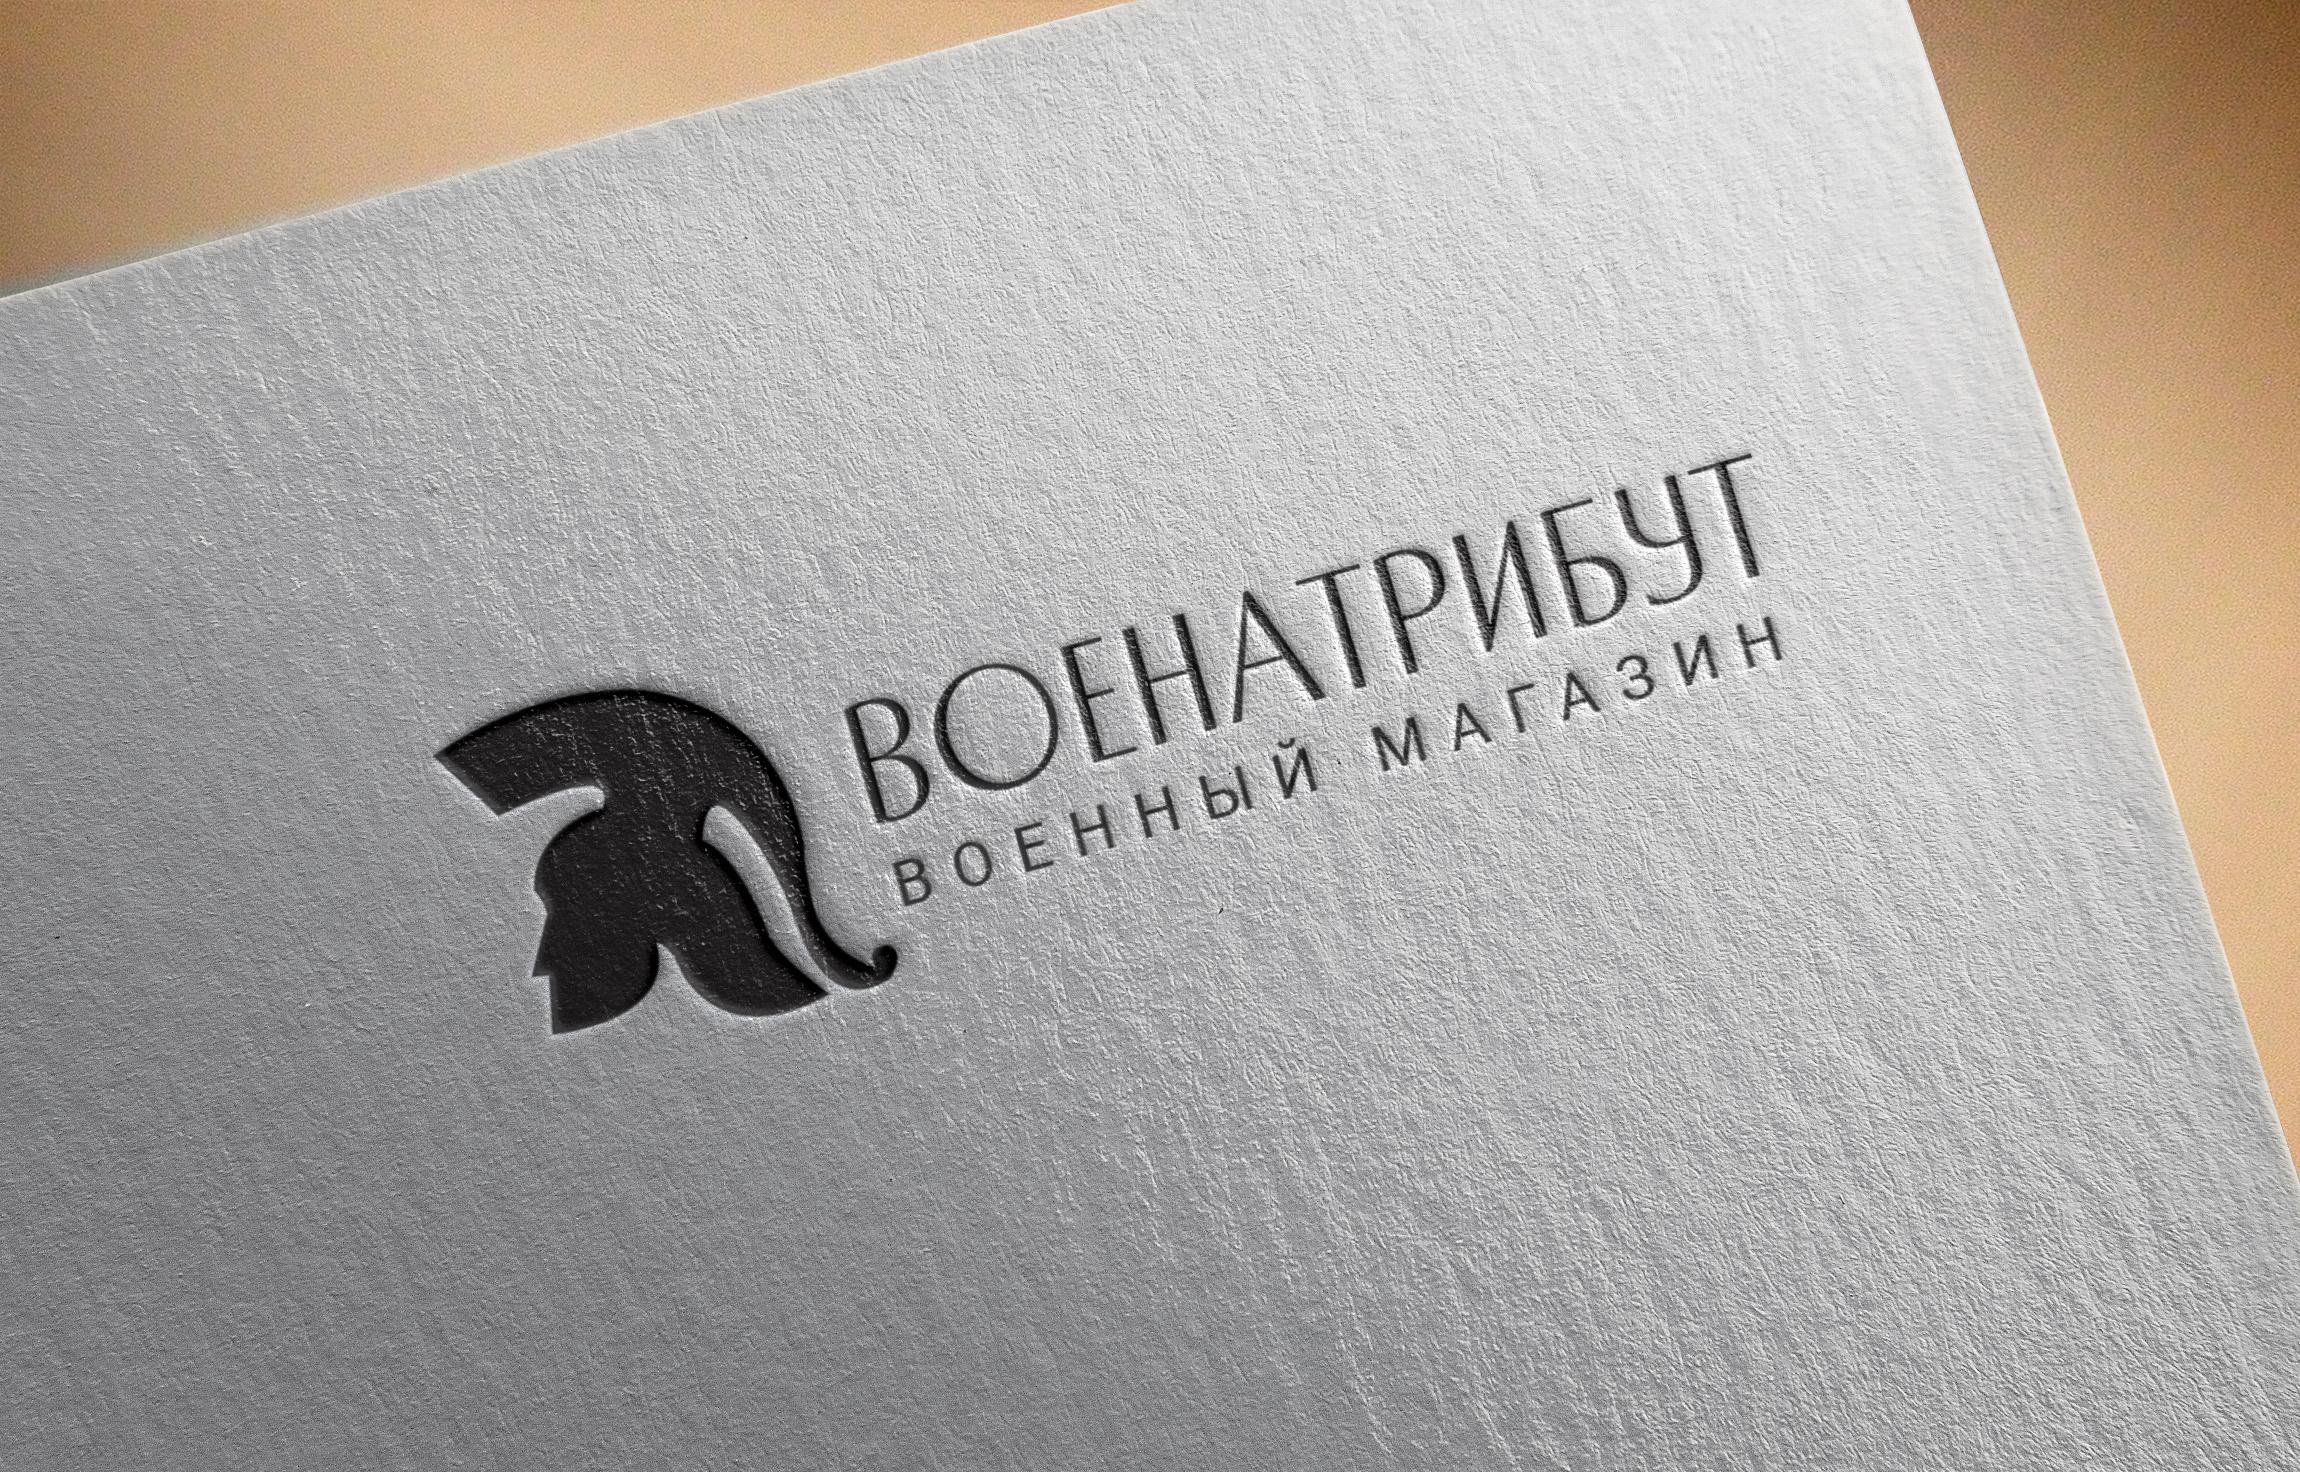 Разработка логотипа для компании военной тематики фото f_586601b2c7f81b53.jpg